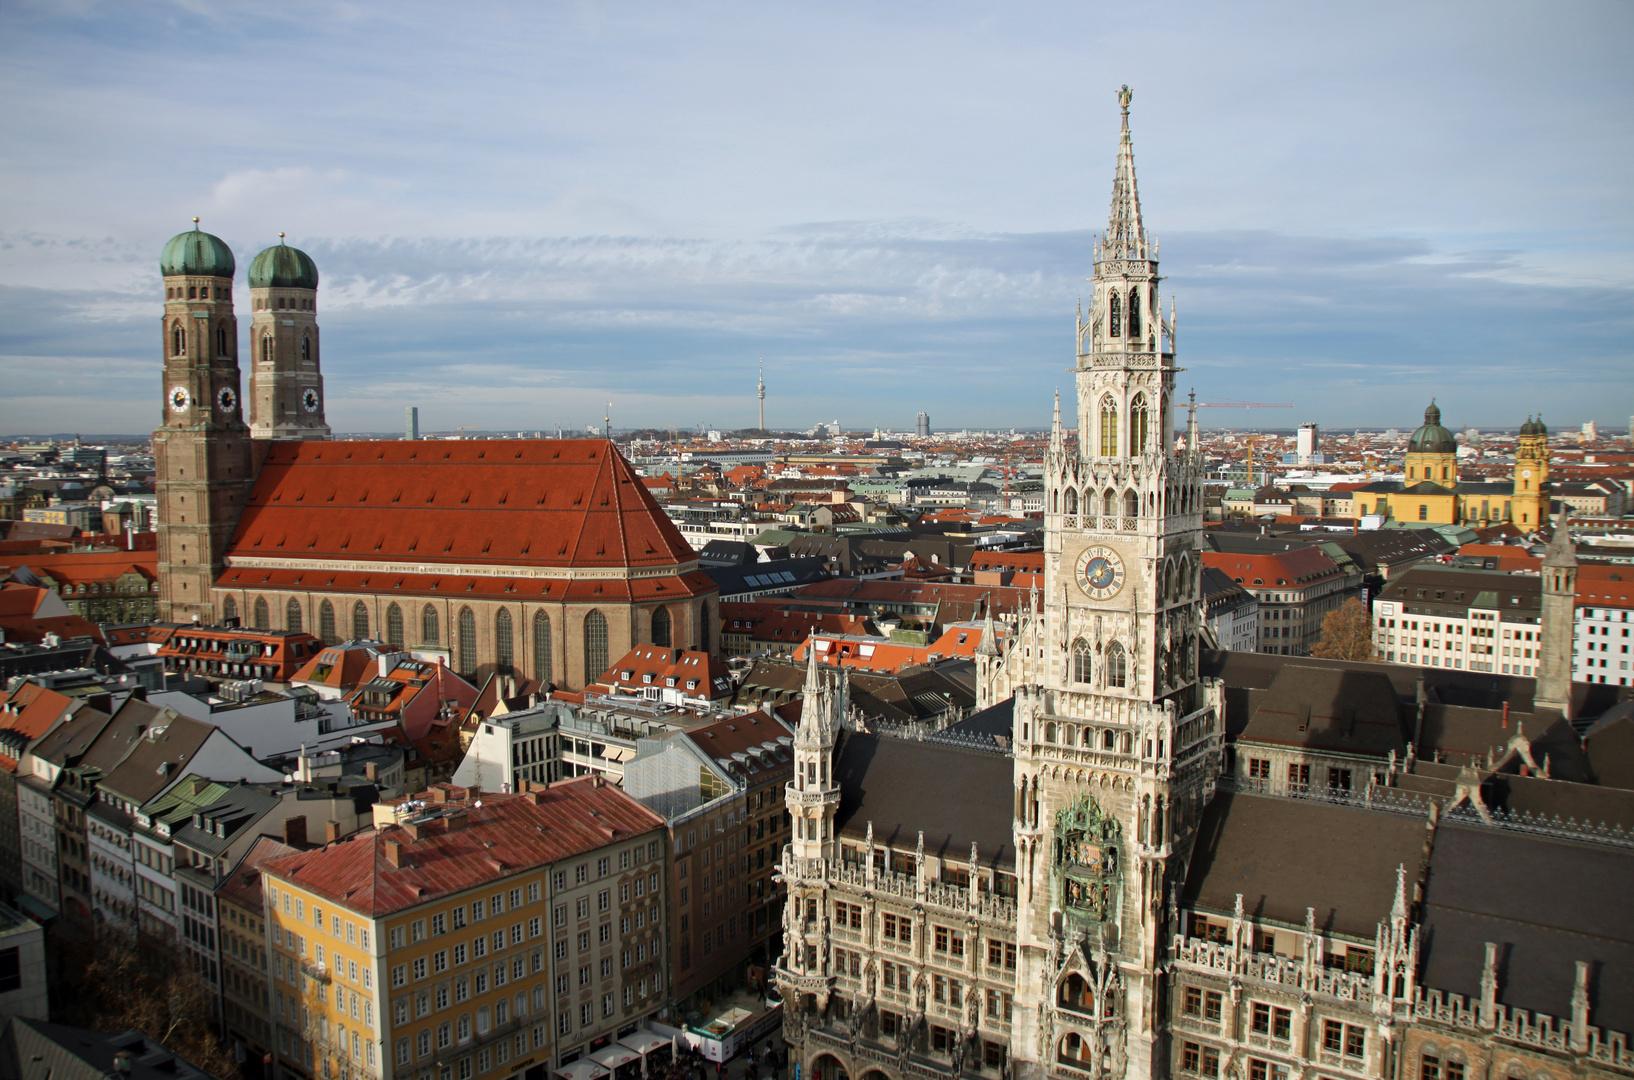 München: Frauenkirche-Rathaus-Theatinerkirche